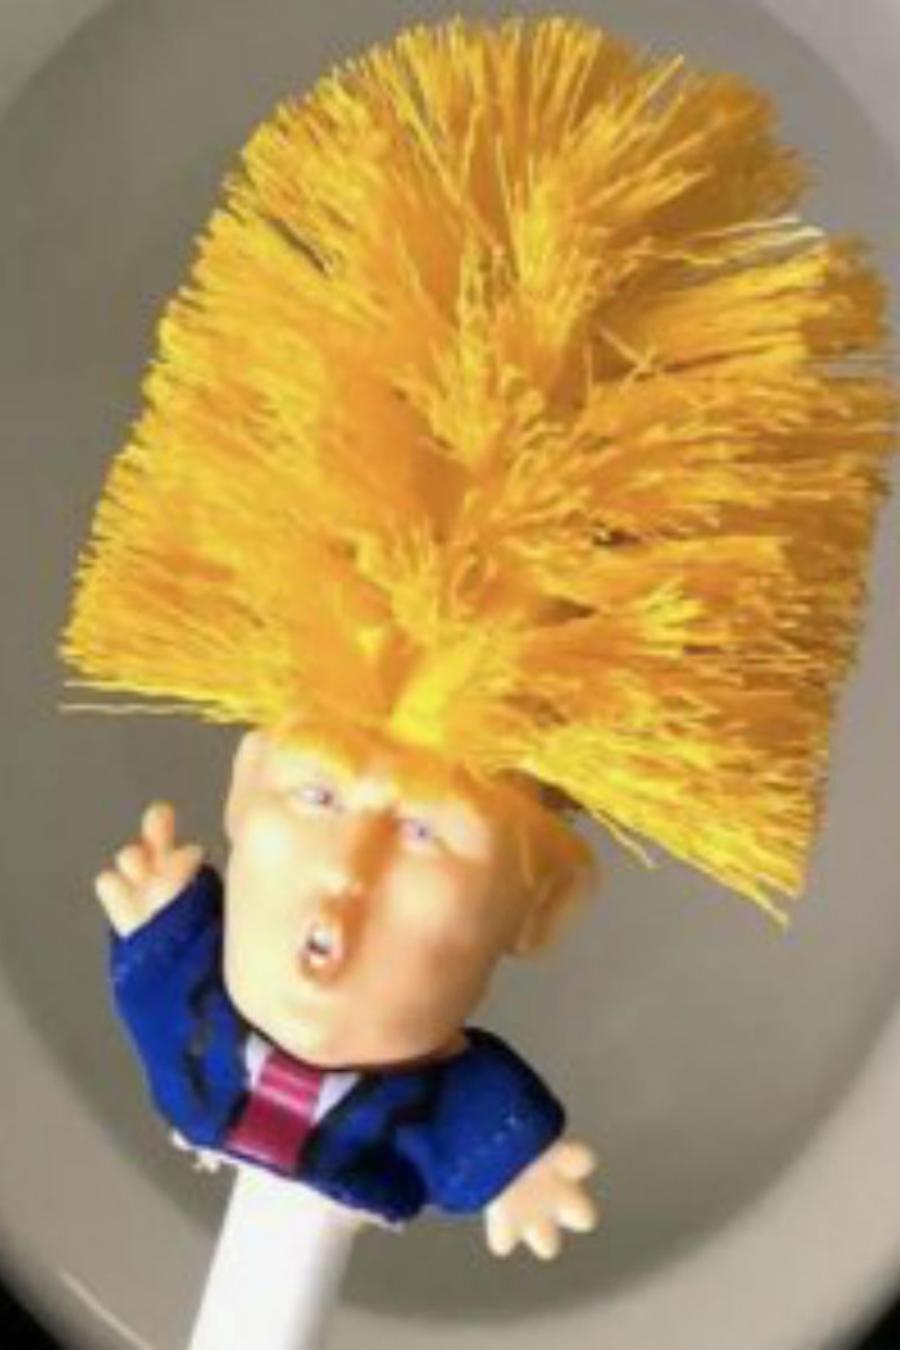 Escobilla de Donald Trump